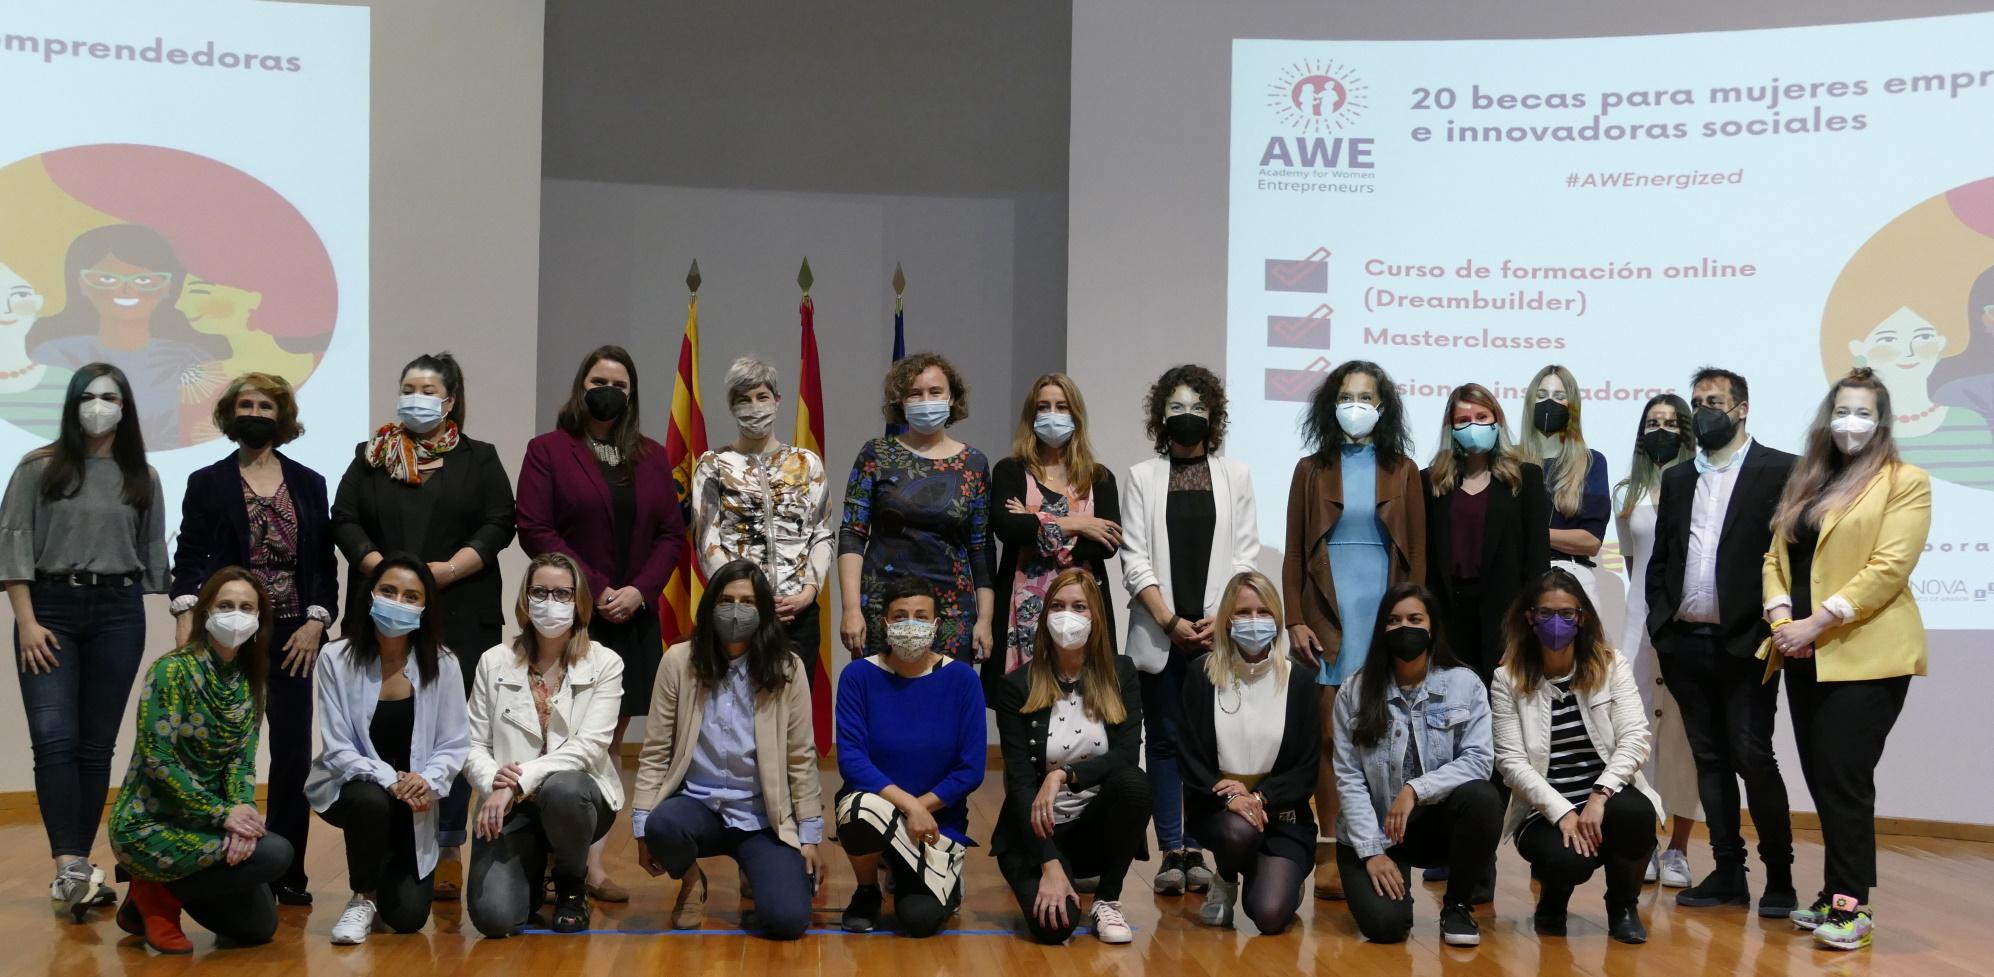 Veinte mujeres de Aragón inician una formación empresarial financiada por Estados Unidos